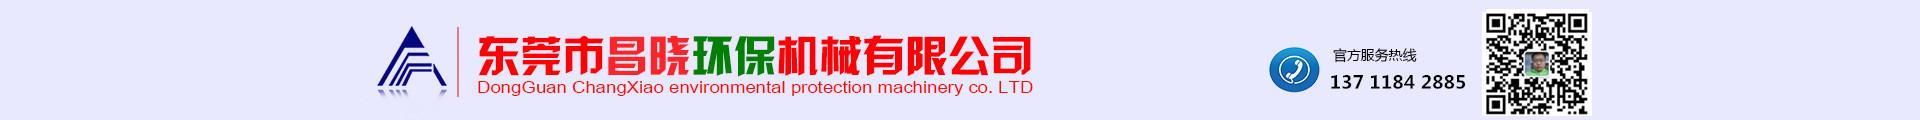 東莞市昌曉環保機械有限公司